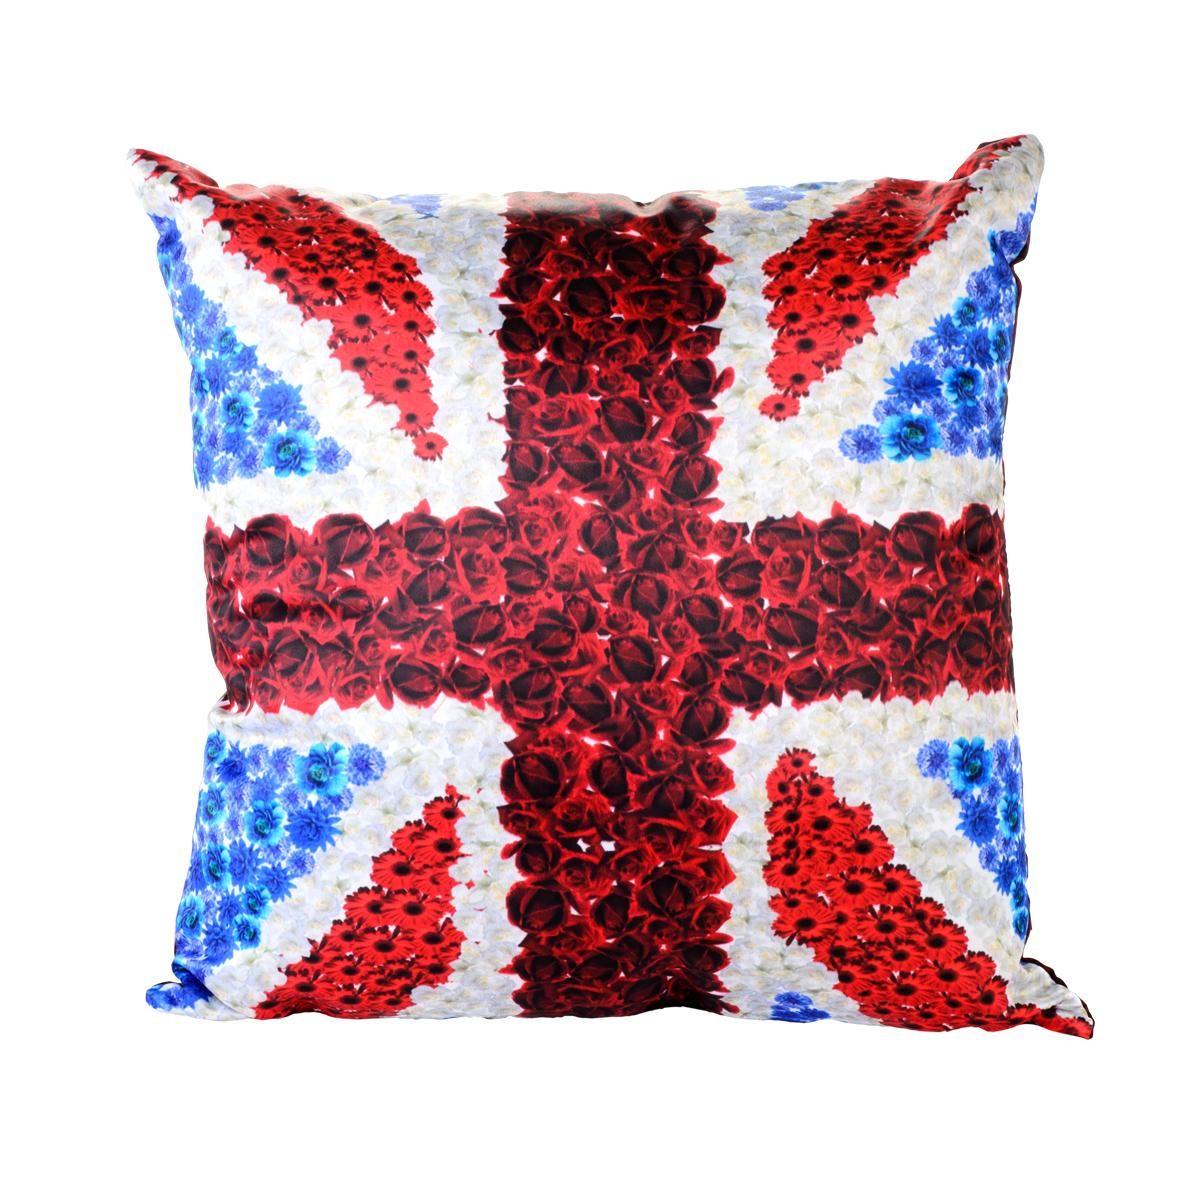 Подушка декоративная GiftnHome  Британский Флаг, 35 x 35 смPLW- 35 БритФлагПодушка декоративная Британский Флаг 35x35 см. Наволочка 100% п/э атлас